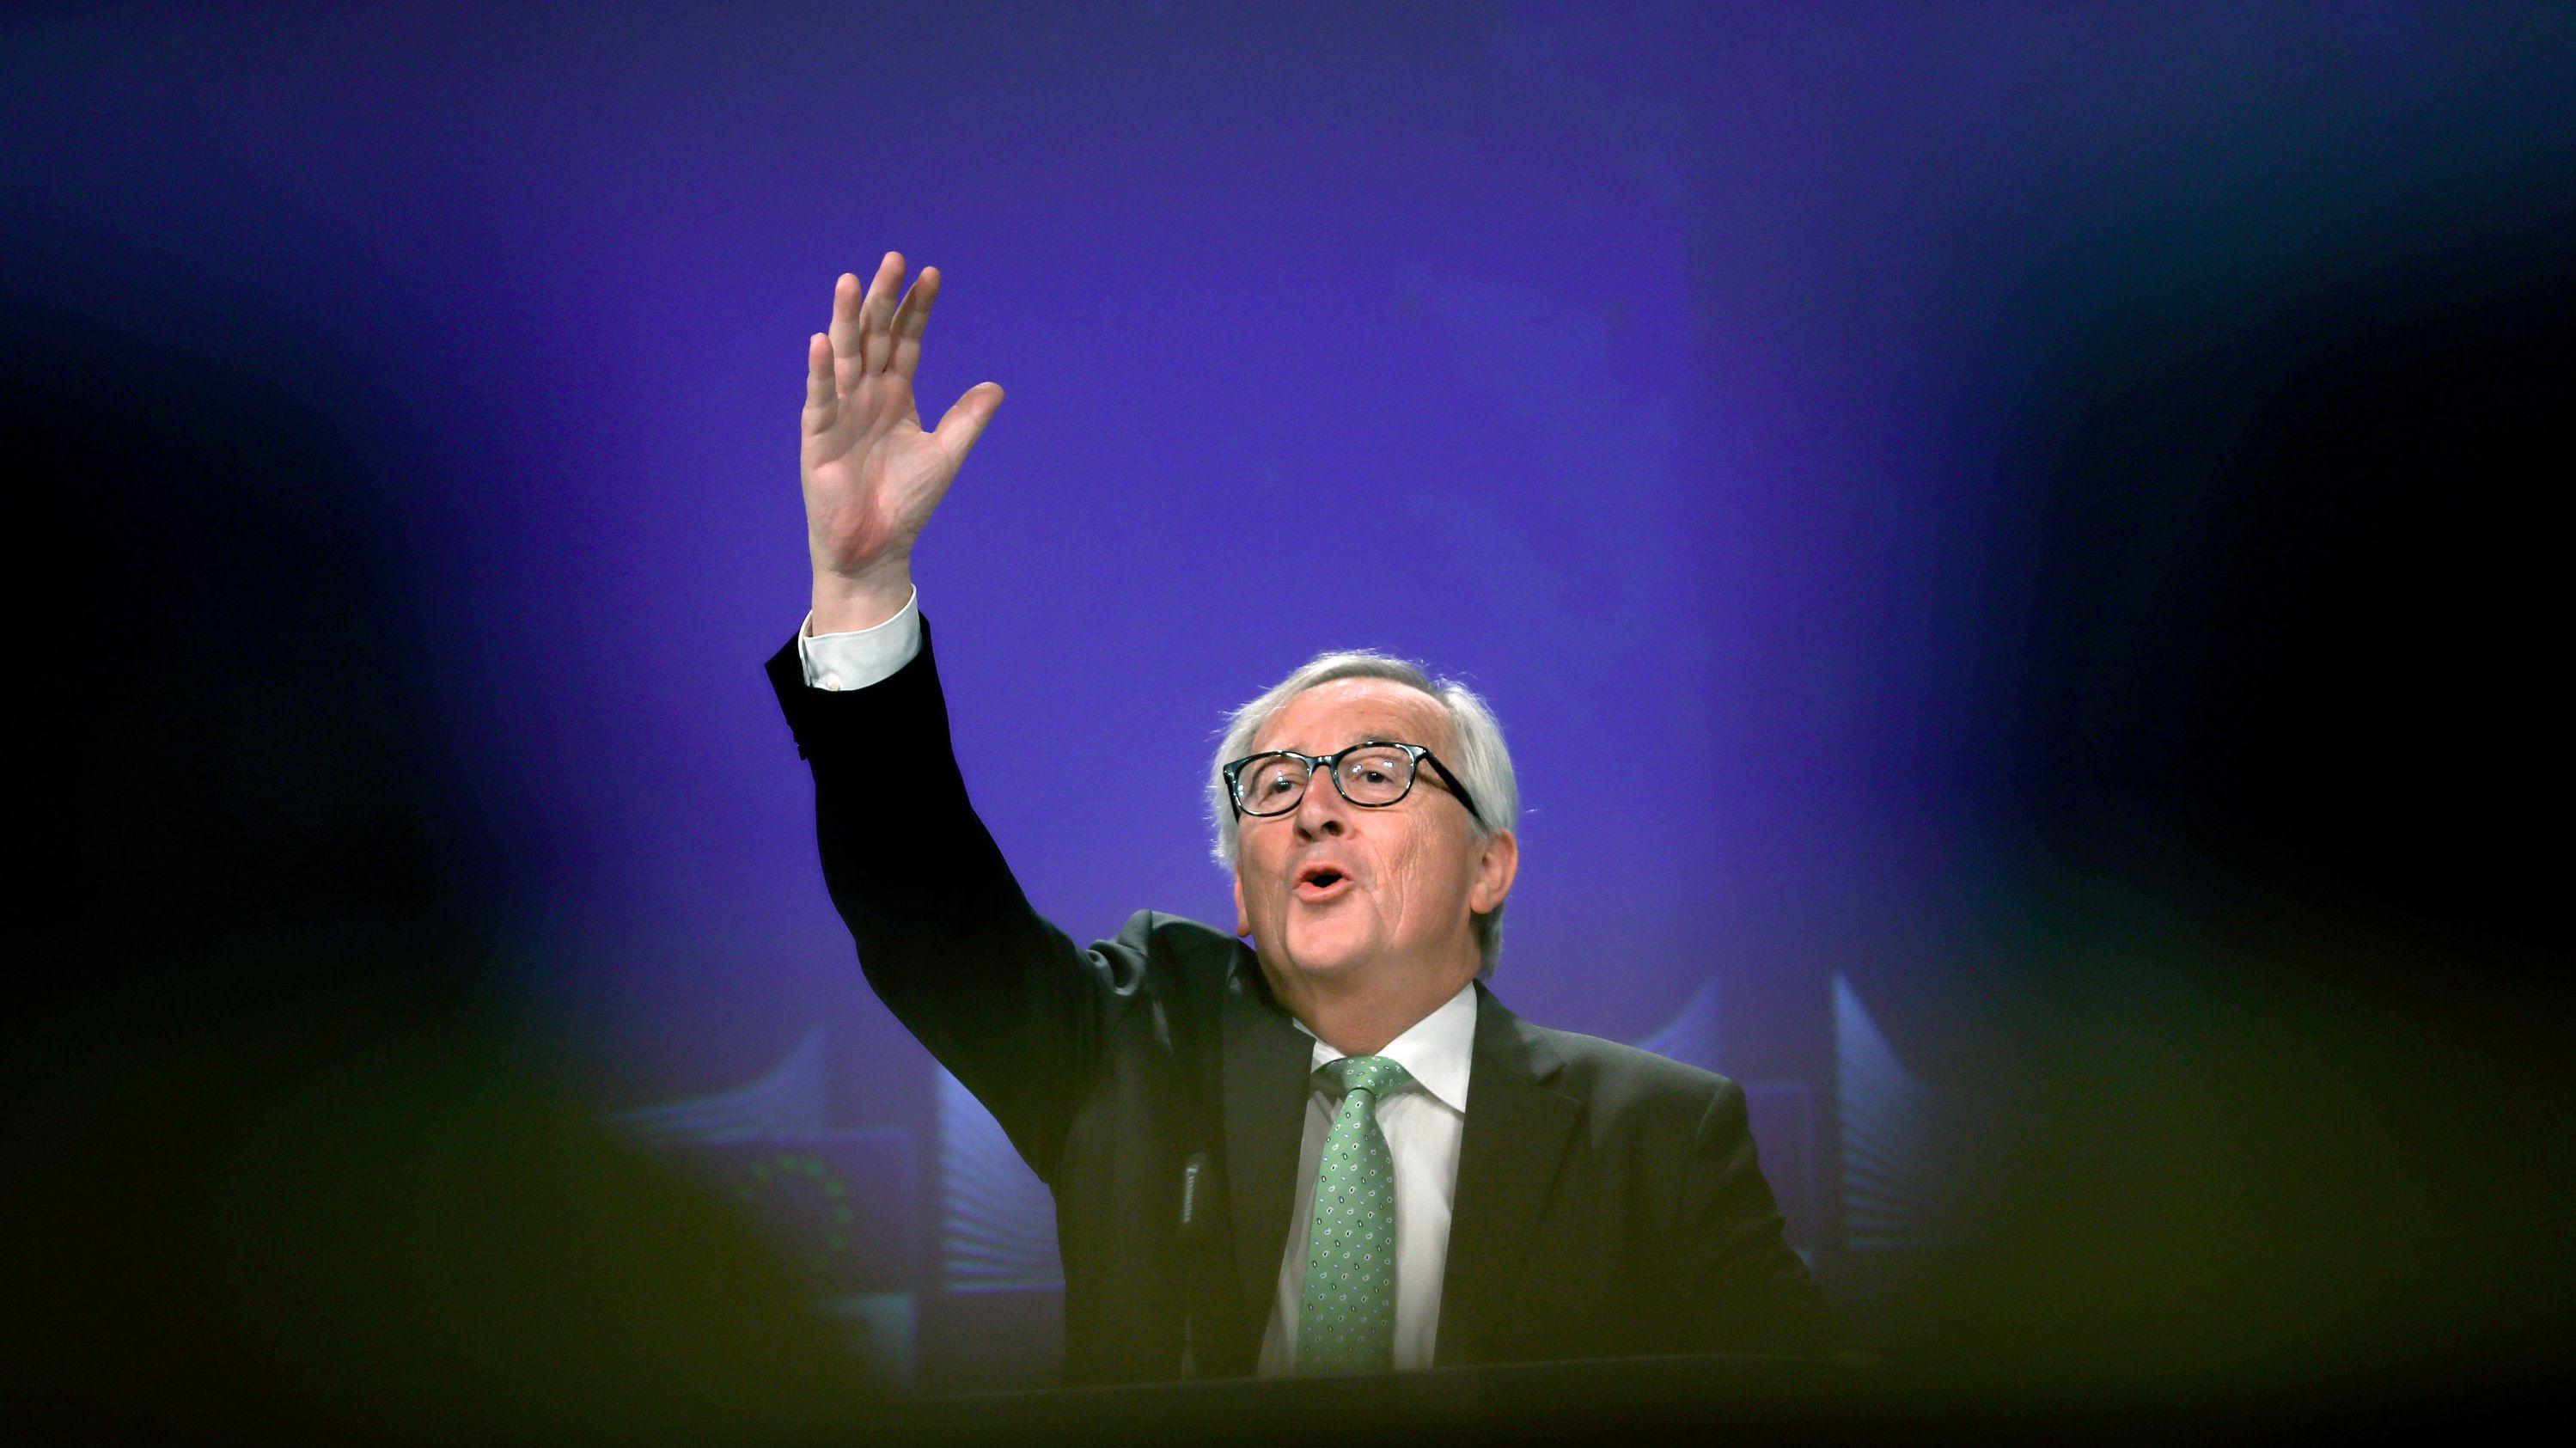 07.05.2019: Jean-Claude Juncker, Präsident der Europäischen Kommission, gestikuliert, als er bei einer Pressekonferenz seine Bilanz seiner Amtszeit als EU-Kommissionschef vorstellt